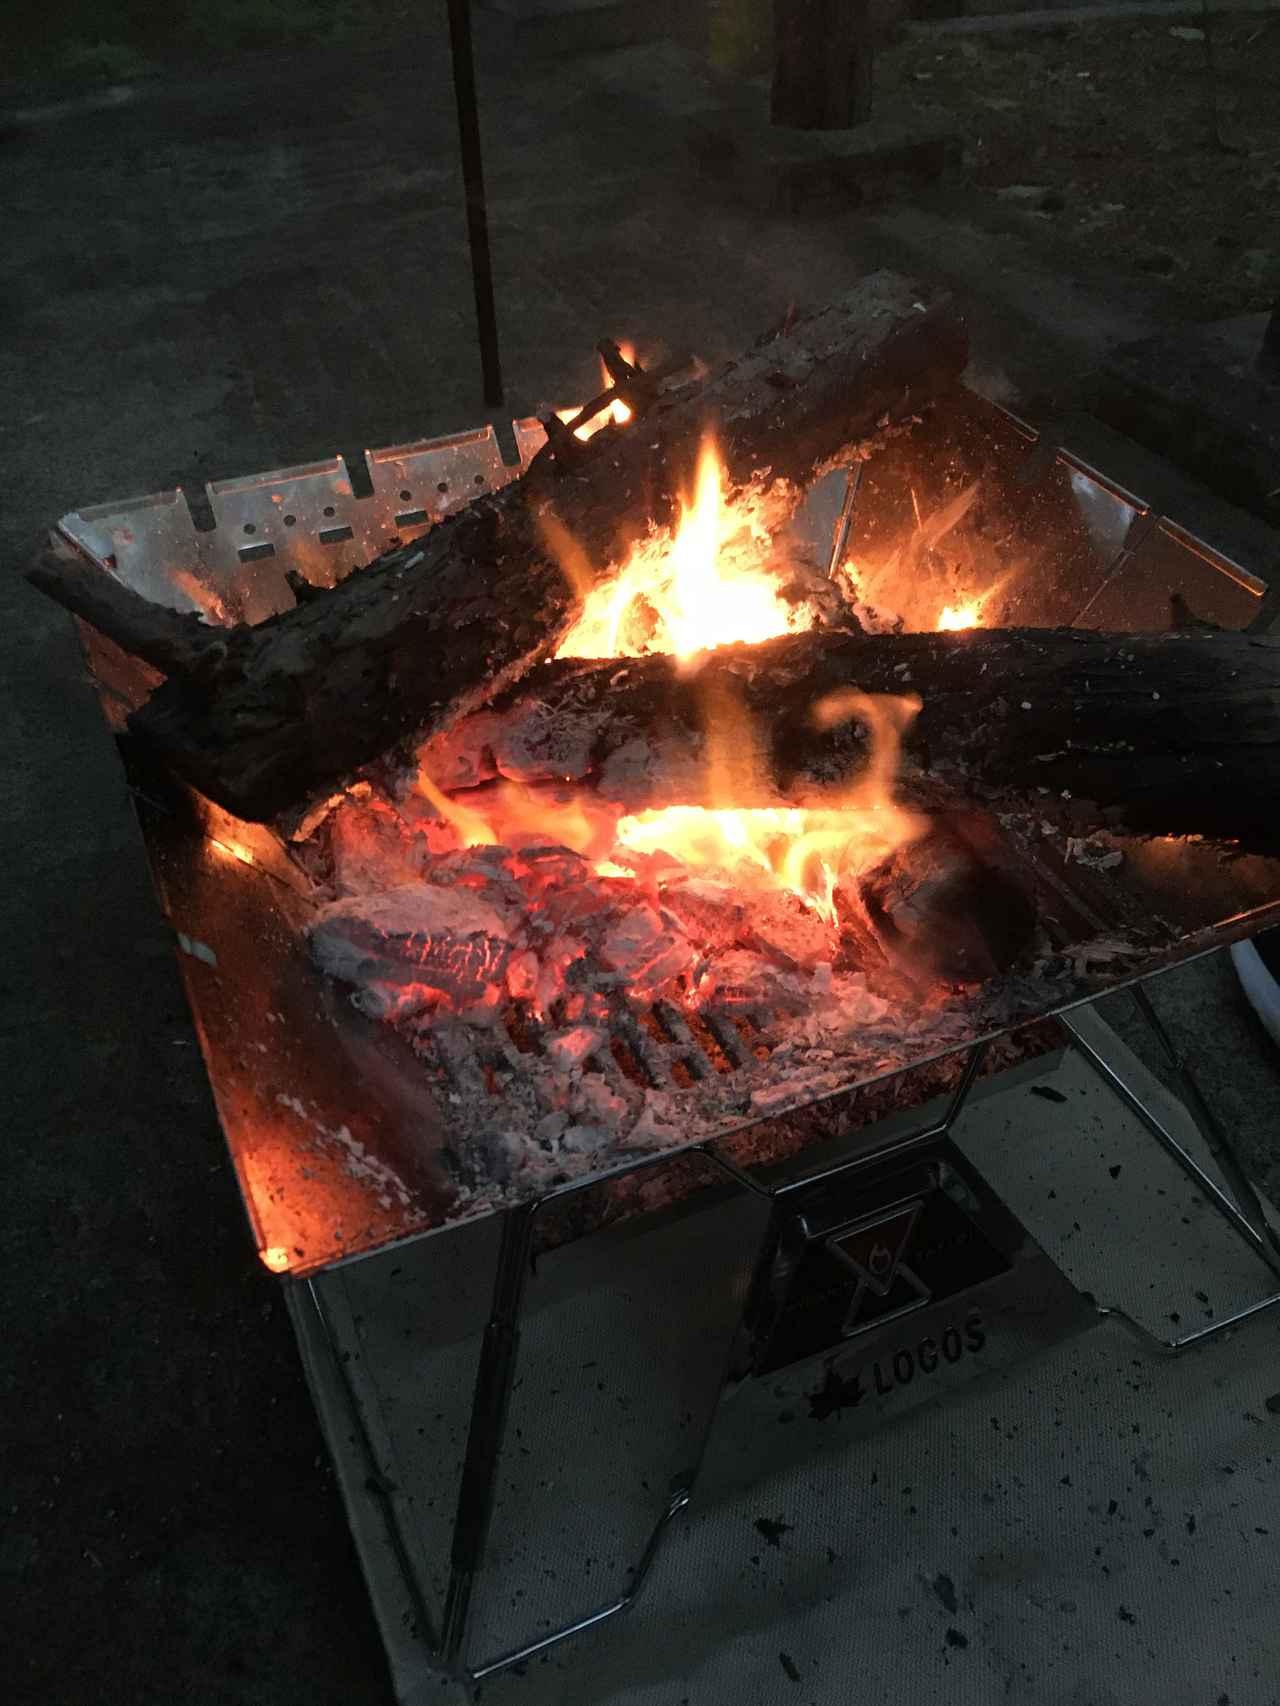 画像: 筆者撮影 ゴトクを外して大きい薪をボンボコ投入してみた図